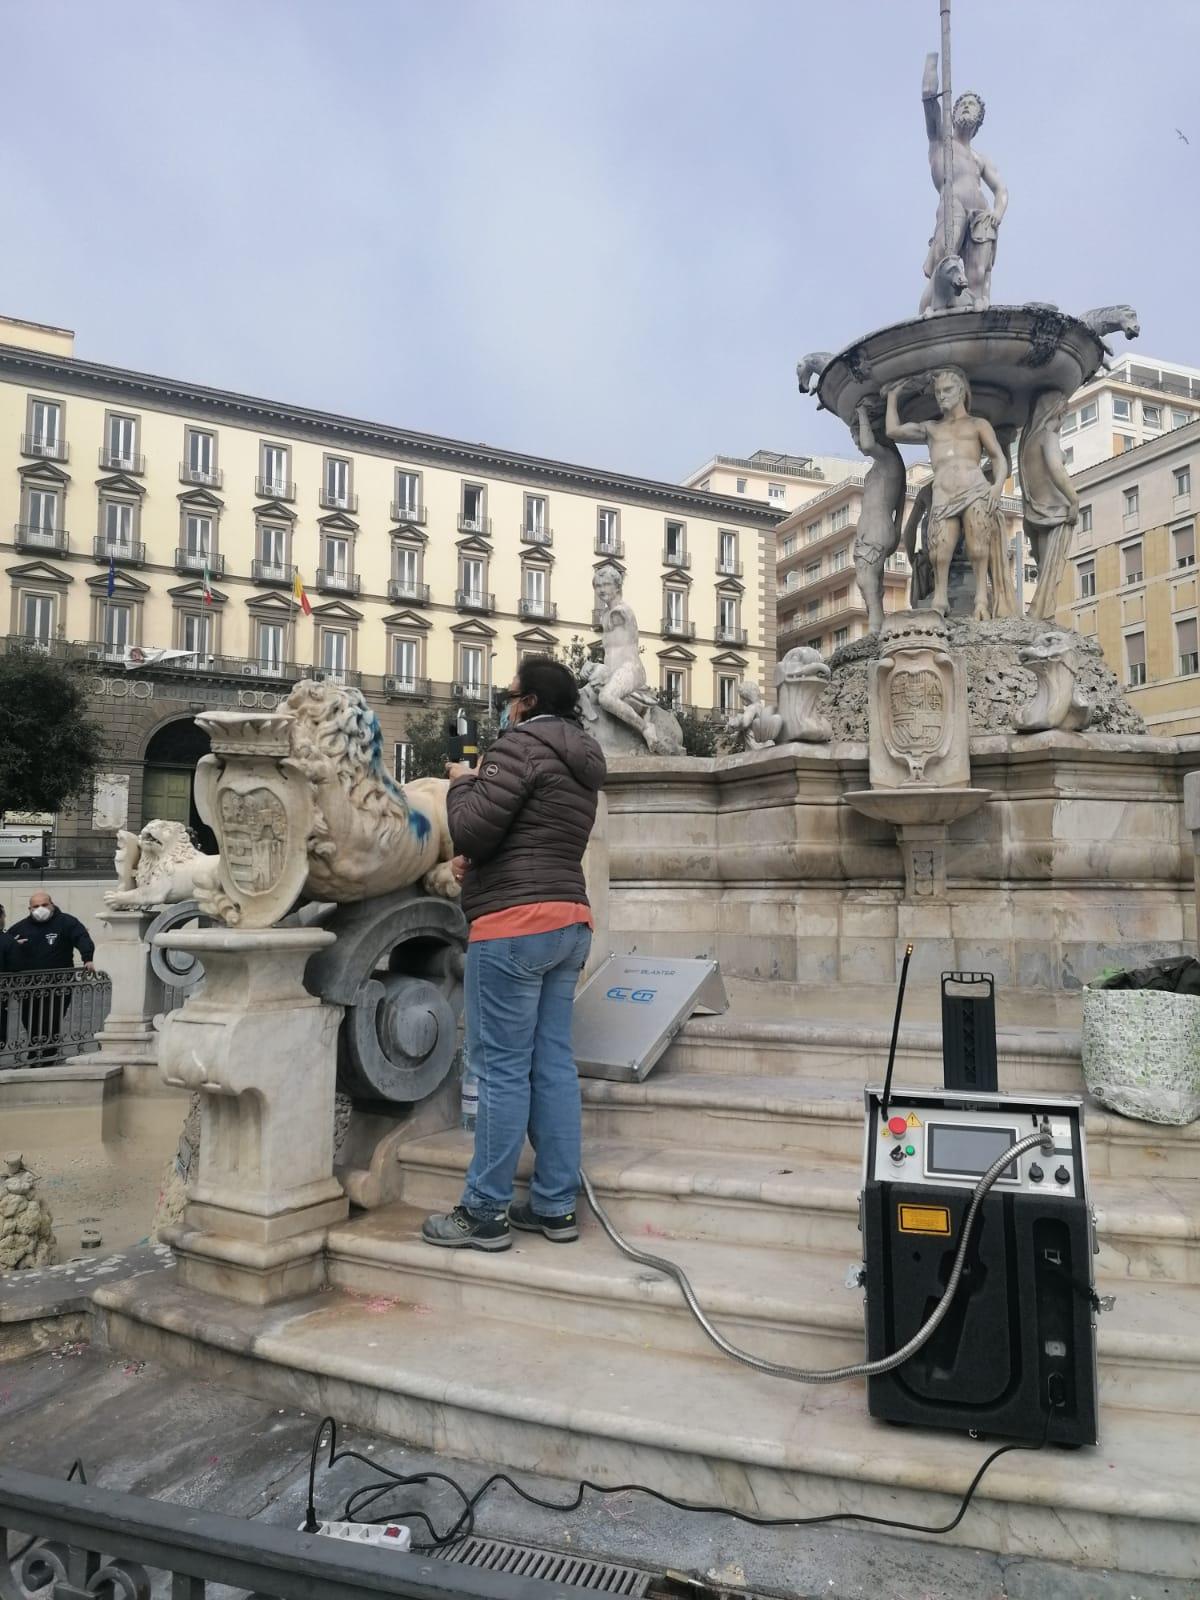 Imbrattata la Fontana del Nettuno a Napoli, intervengono gli Angeli del Bello (VIDEO)